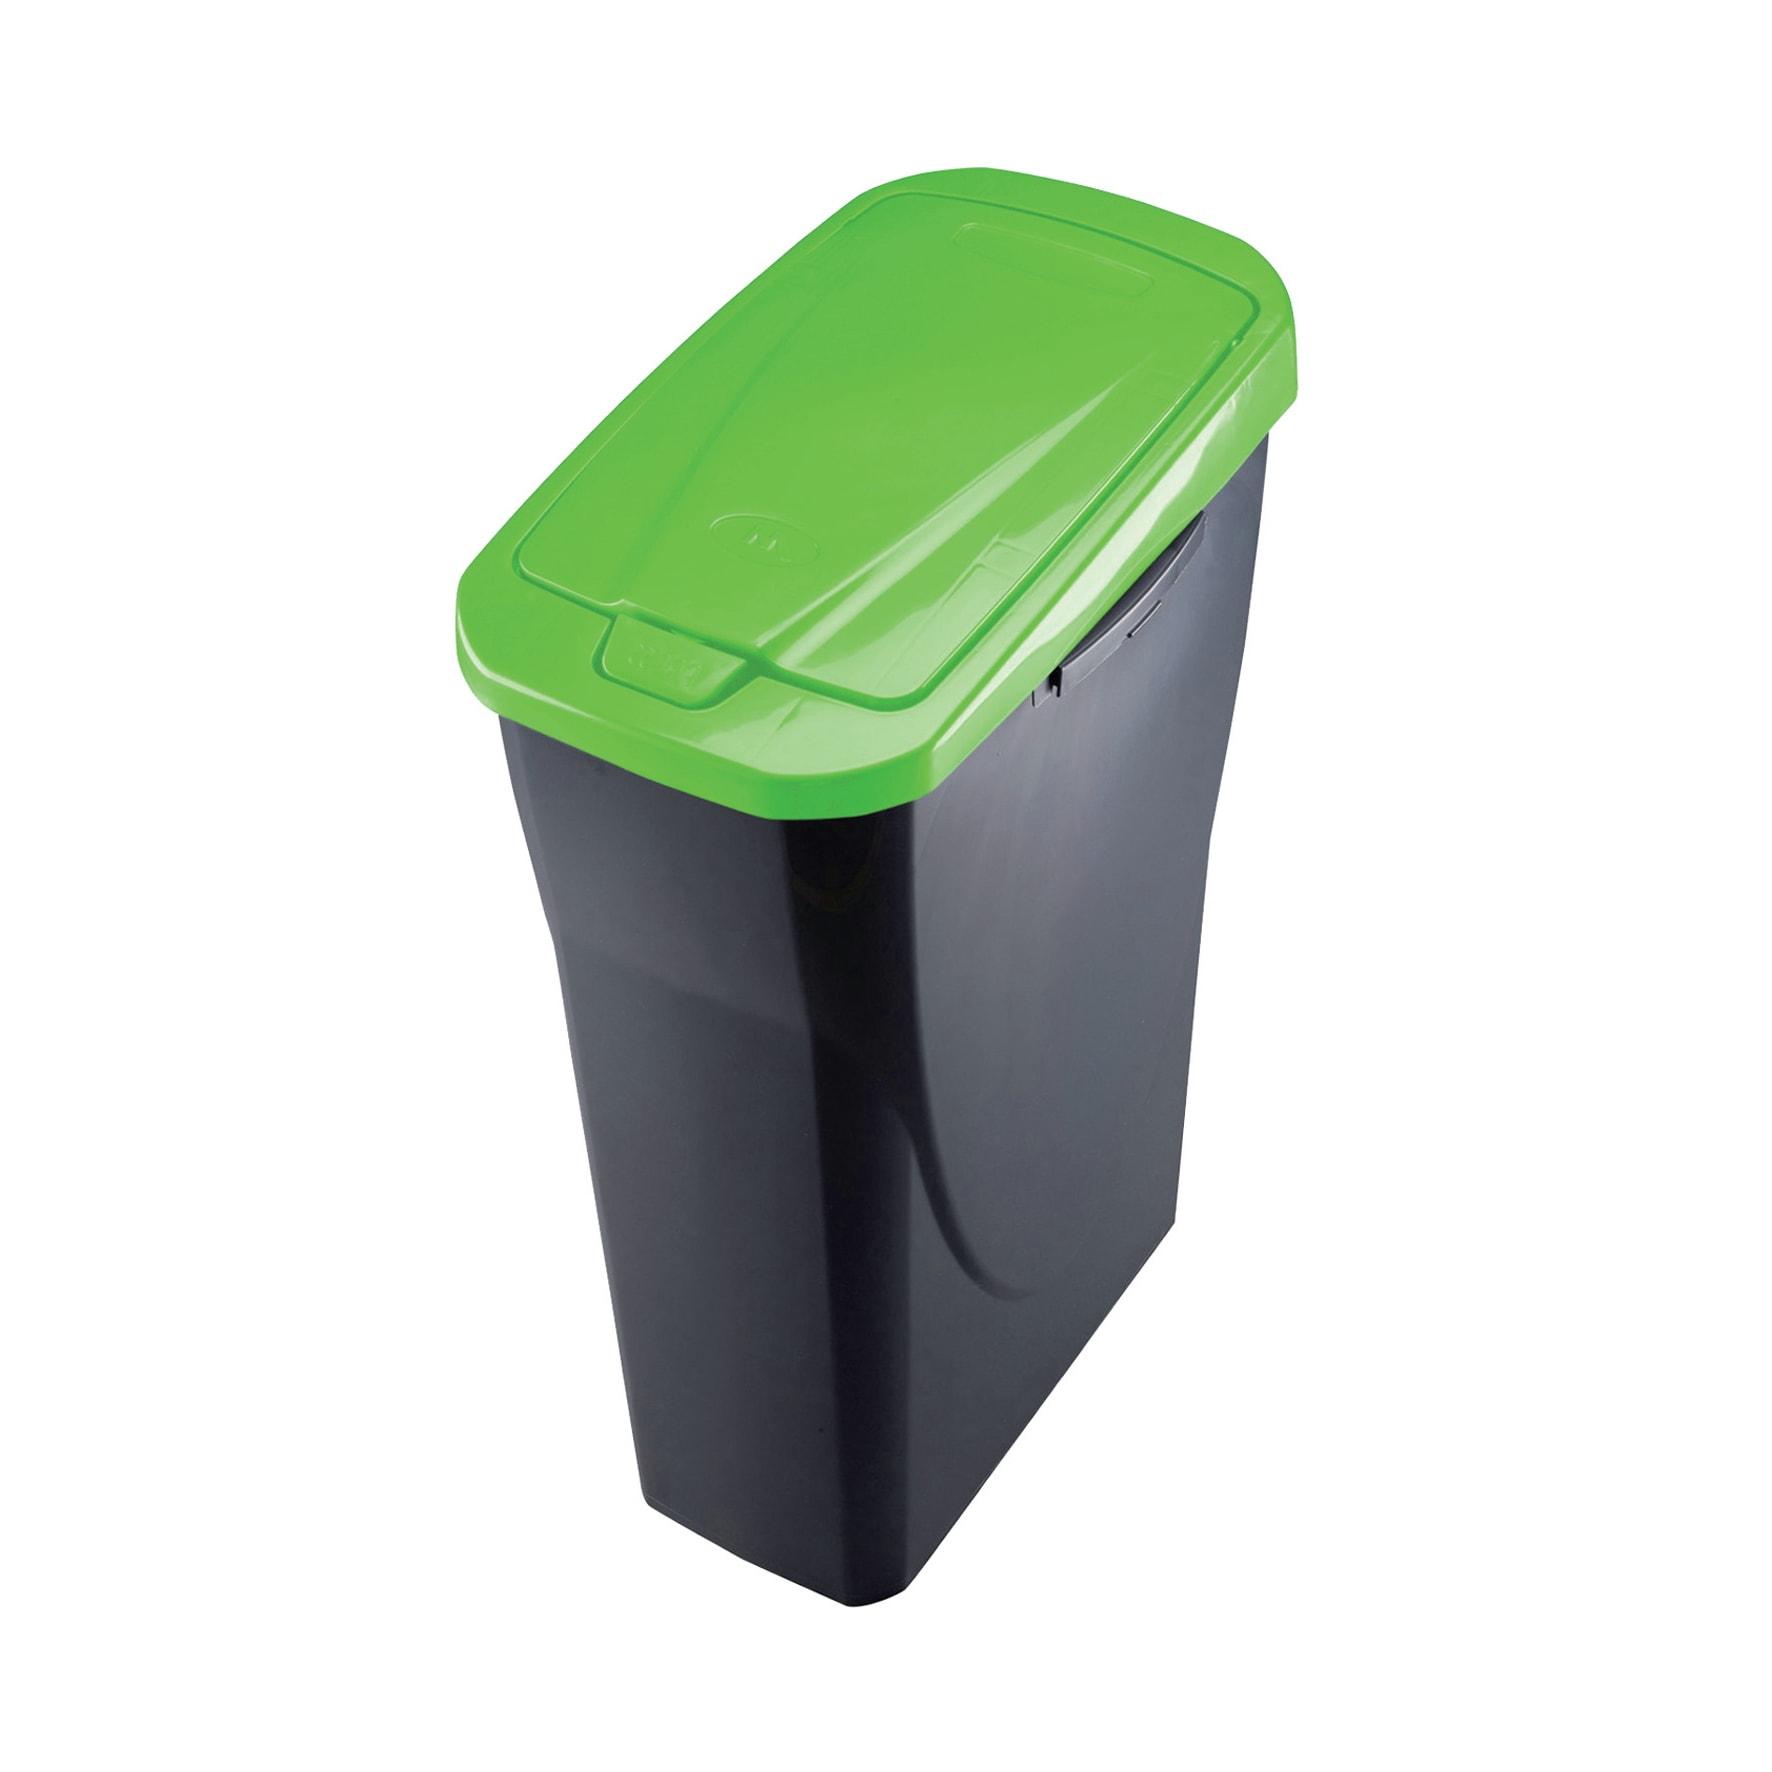 Leroy Merlin Contenitori Di Plastica.Pattumiera A Pedale Grigio 25 L